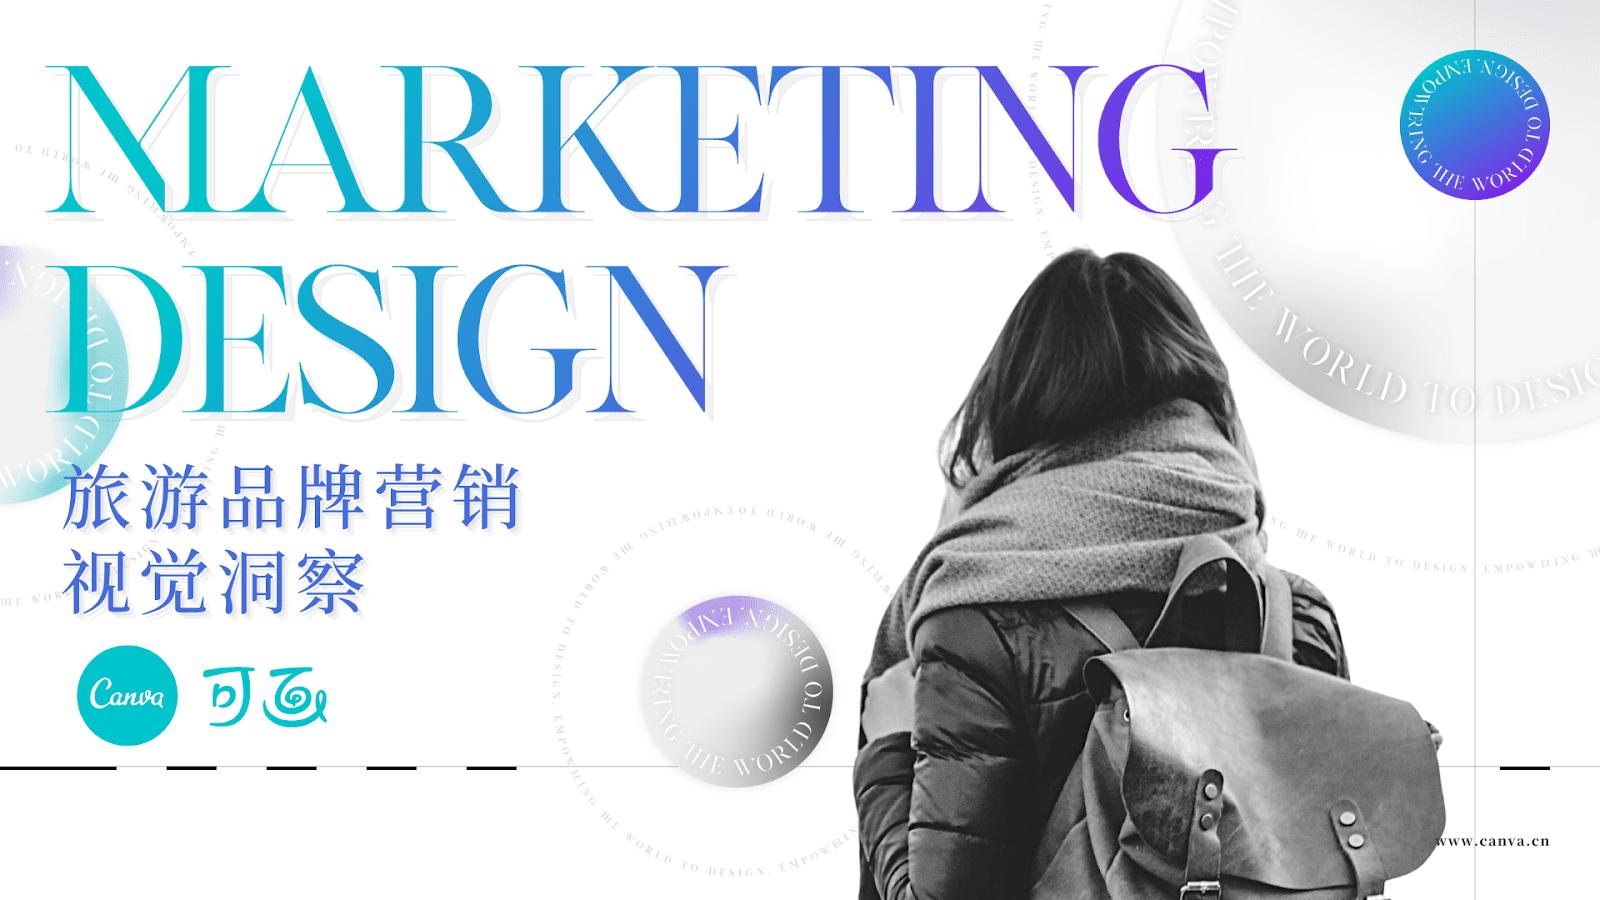 """""""看脸""""时代,旅游品牌如何通过视觉营销设计吸粉又吸金?"""